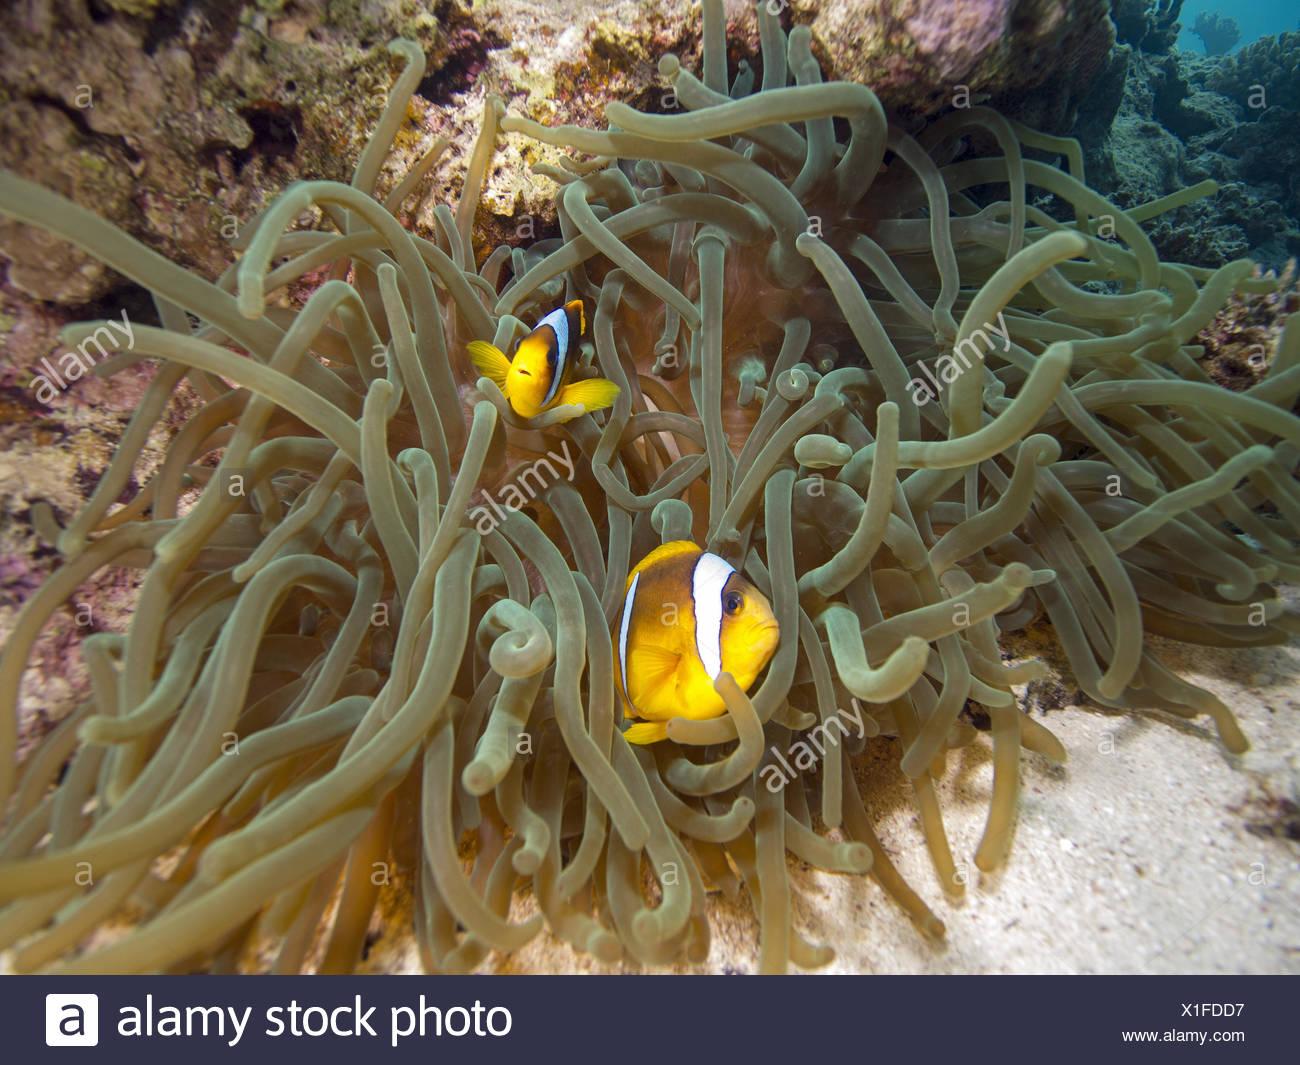 Clownfish - Stock Image